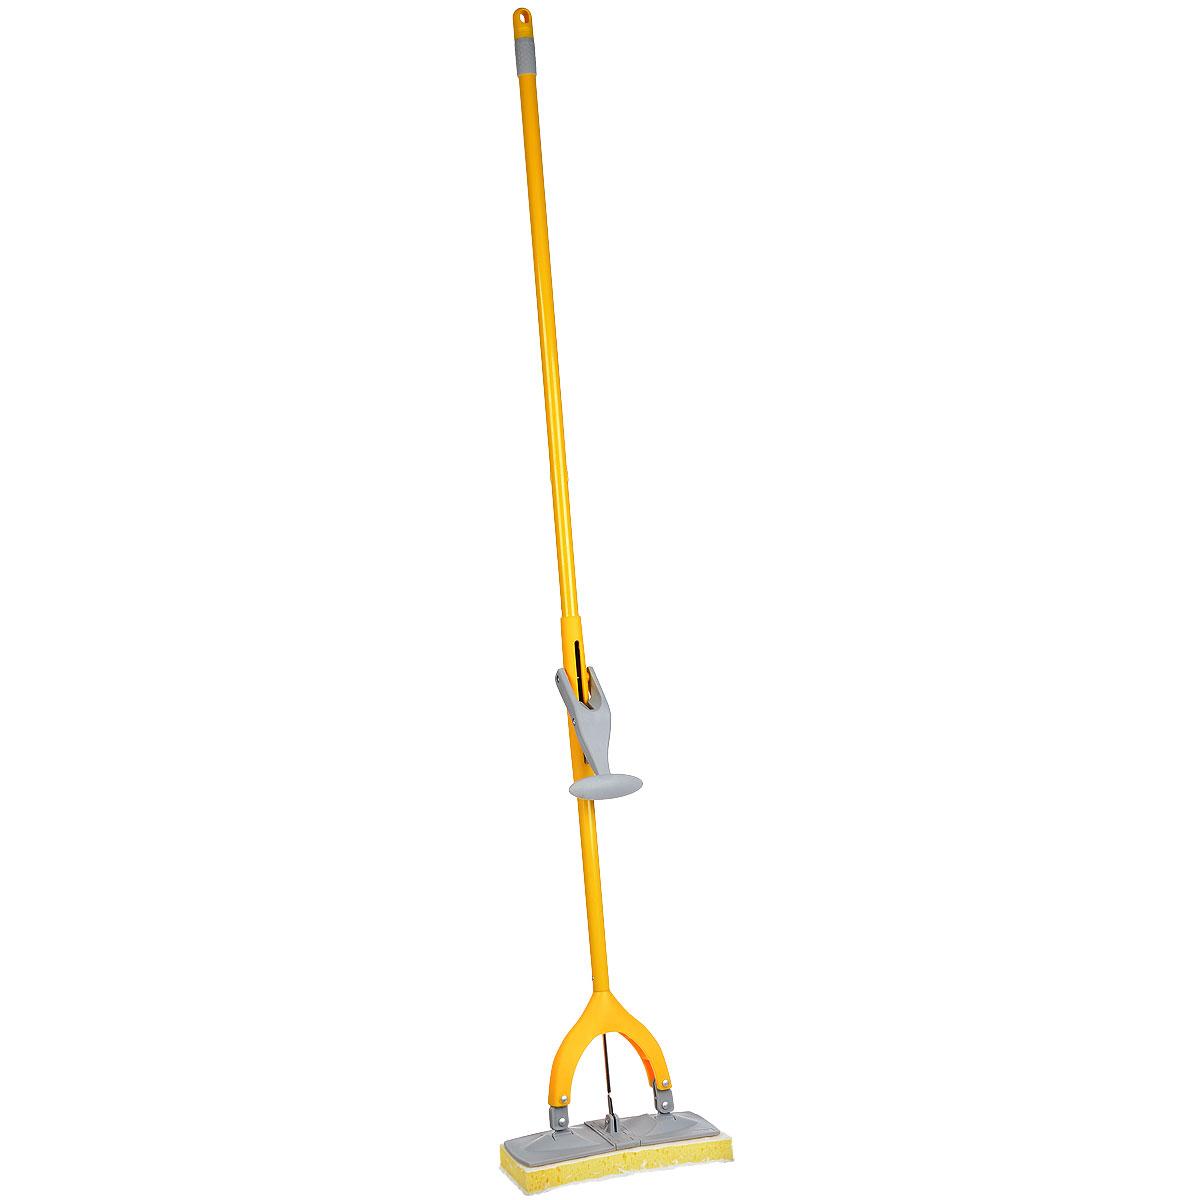 Поломой Apex Squizzo, с отжимом, цвет: серый, желтый10503Поломой Apex Squizzo предназначен для уборки в доме. Насадка, изготовленная из поролона, крепится к стальной трубке. Насадка имеет специальную форму, которая позволяет легко и качественно мыть полы. Специальная система отжима позволяет отжимать воду более эффективно, чем вручную.Размер рабочей поверхности: 27 х 9,5 см.Длина ручки: 135 см.